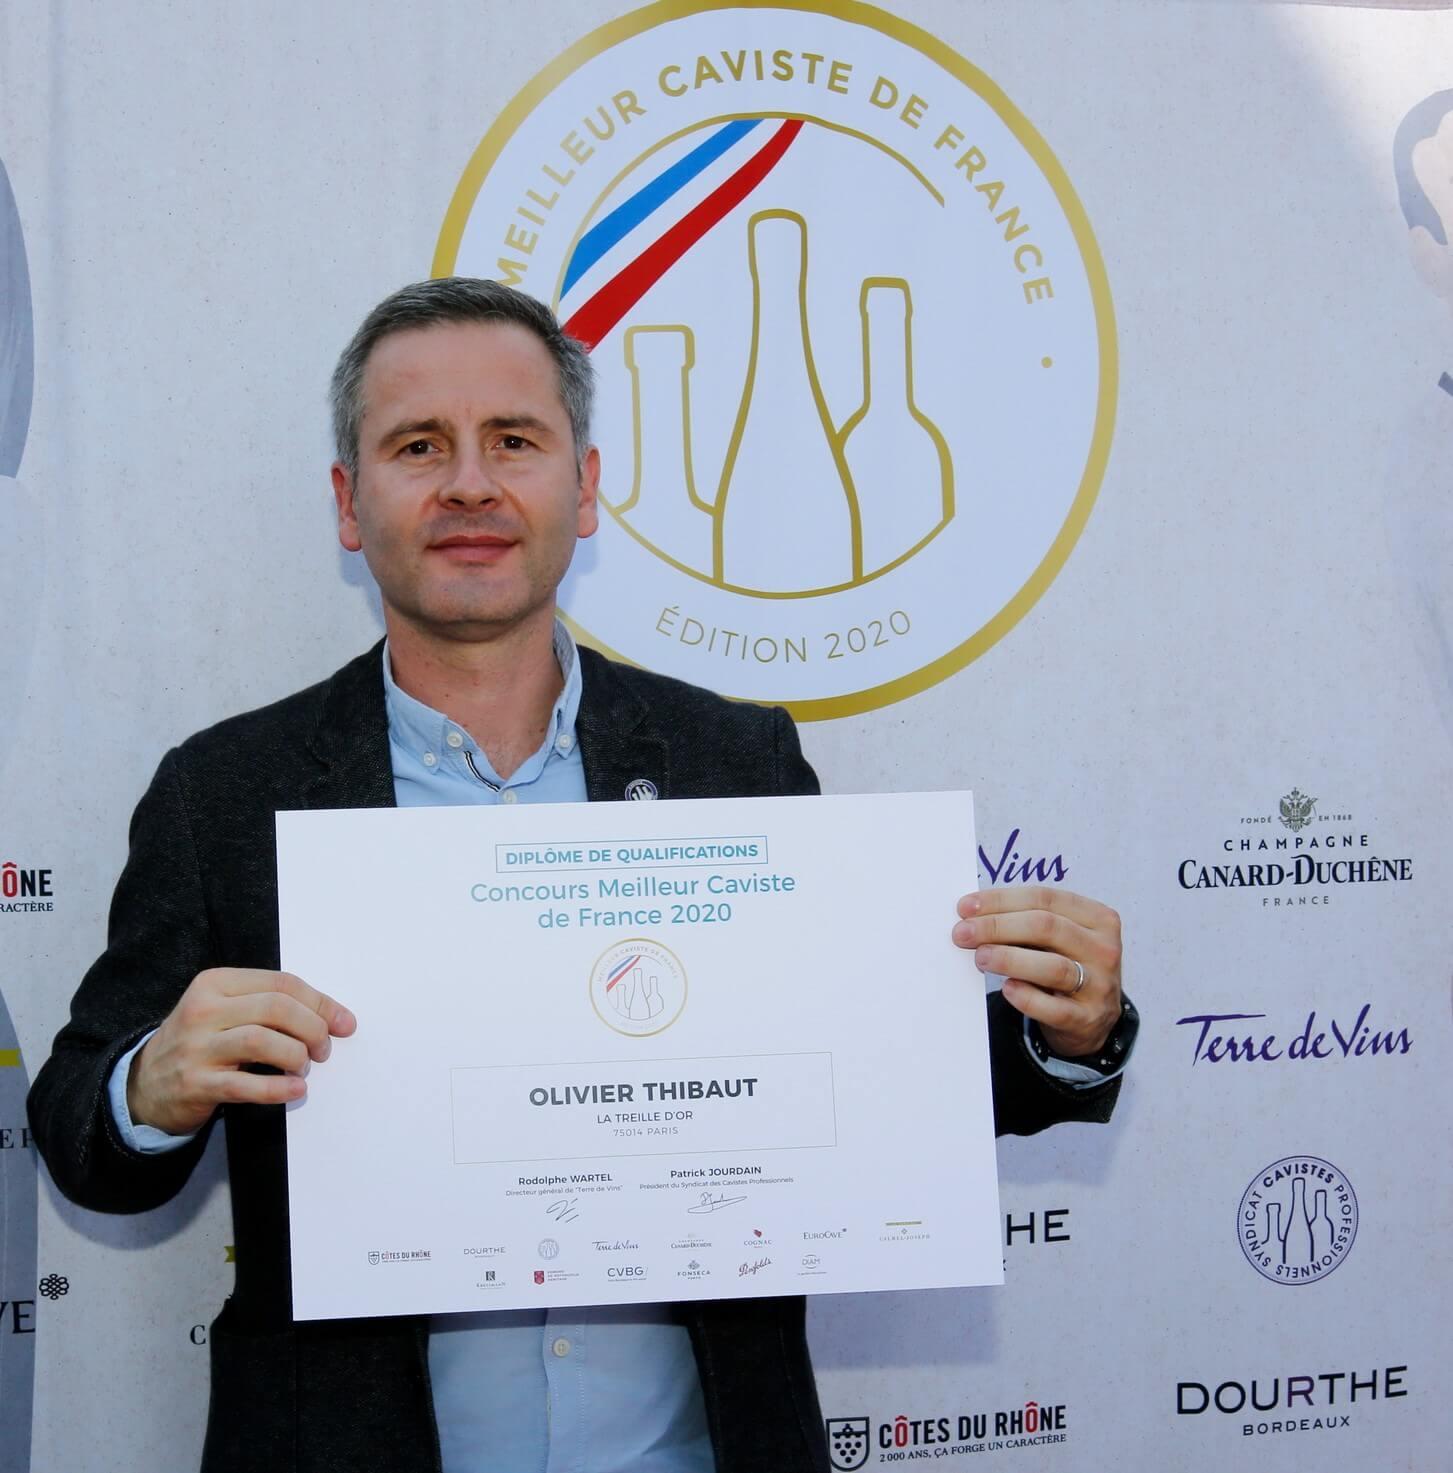 Journee d epreuve dans les locaux de la maison de Champagne Canard Duchene a Ludes dans la Marne du concours organise par Terre de Vins  du meilleur caviste 2020.